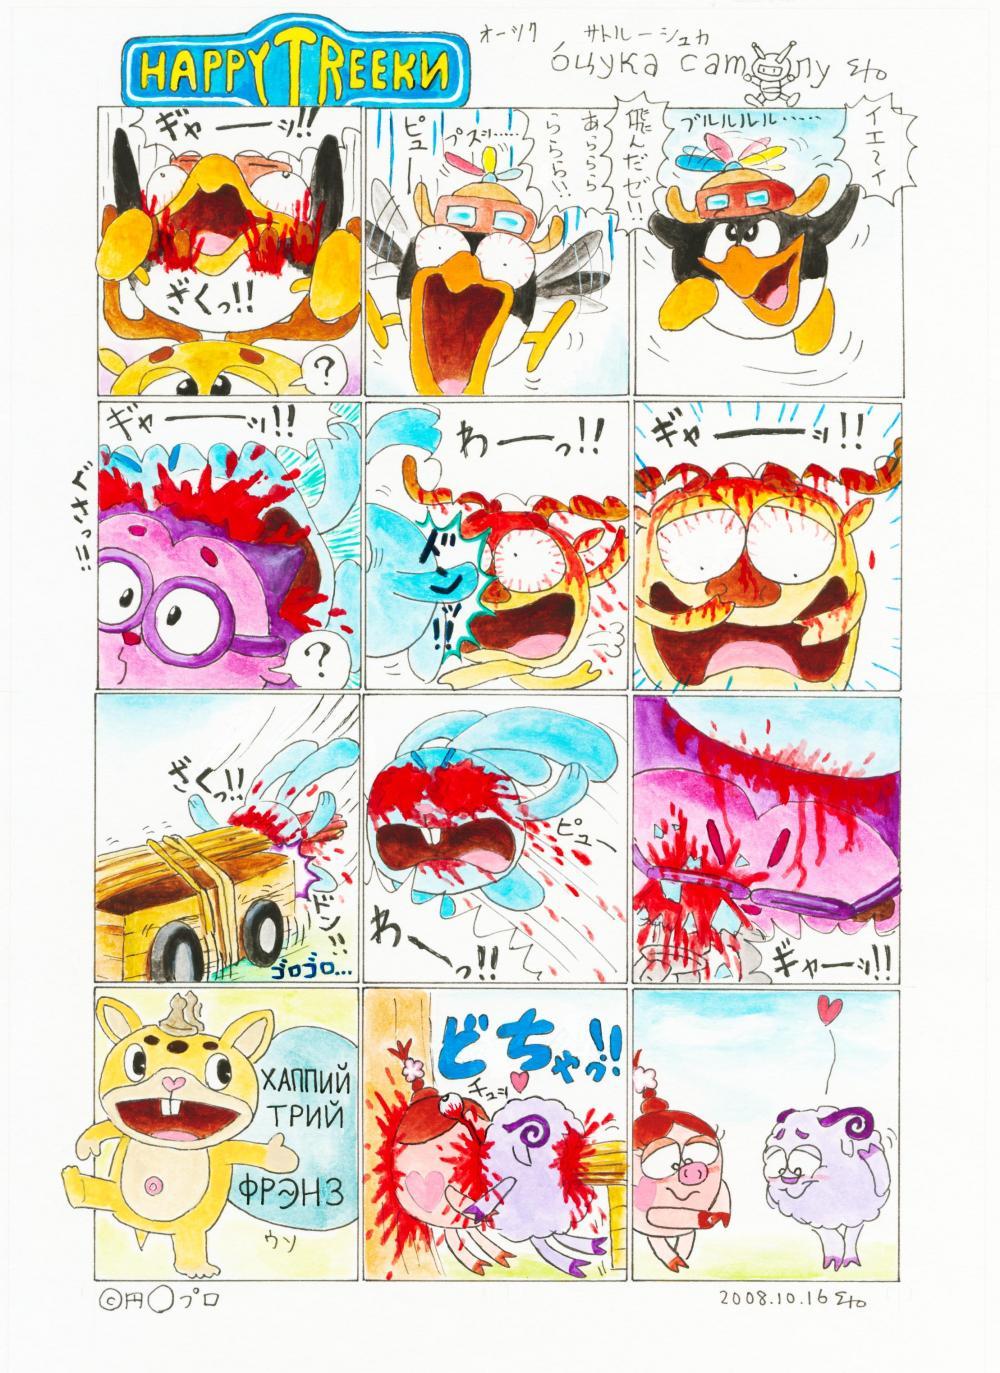 ハピツリキ(HAPPYTREEKИ)2008.10.16